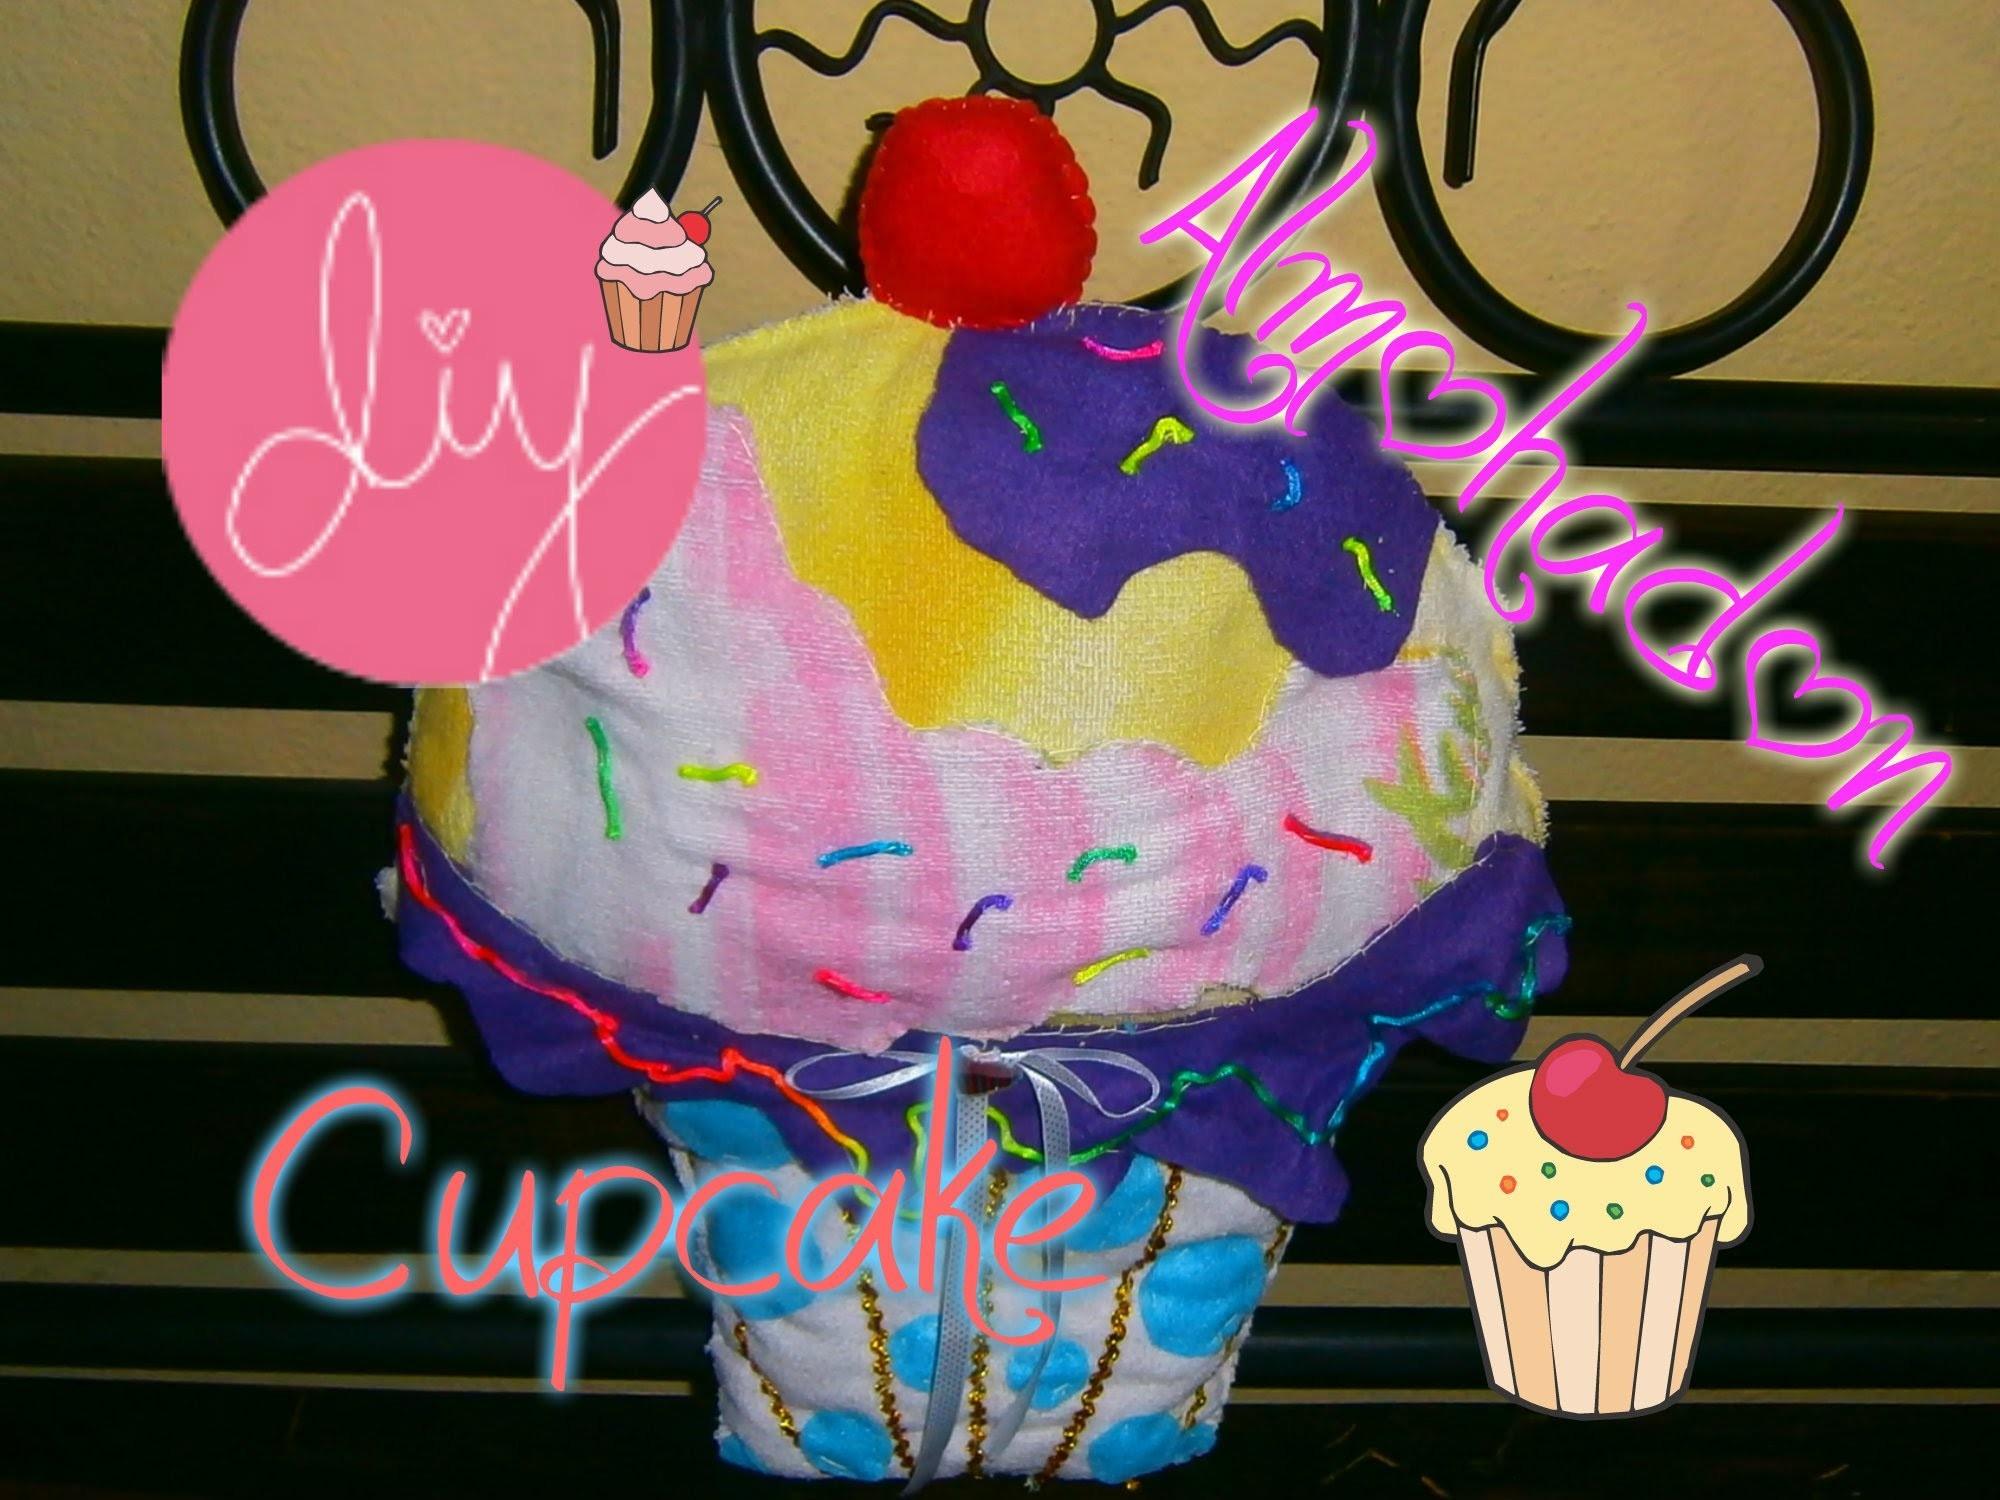 DIY Almohadón o Cojín de Cupcake.Cupcake Cushion